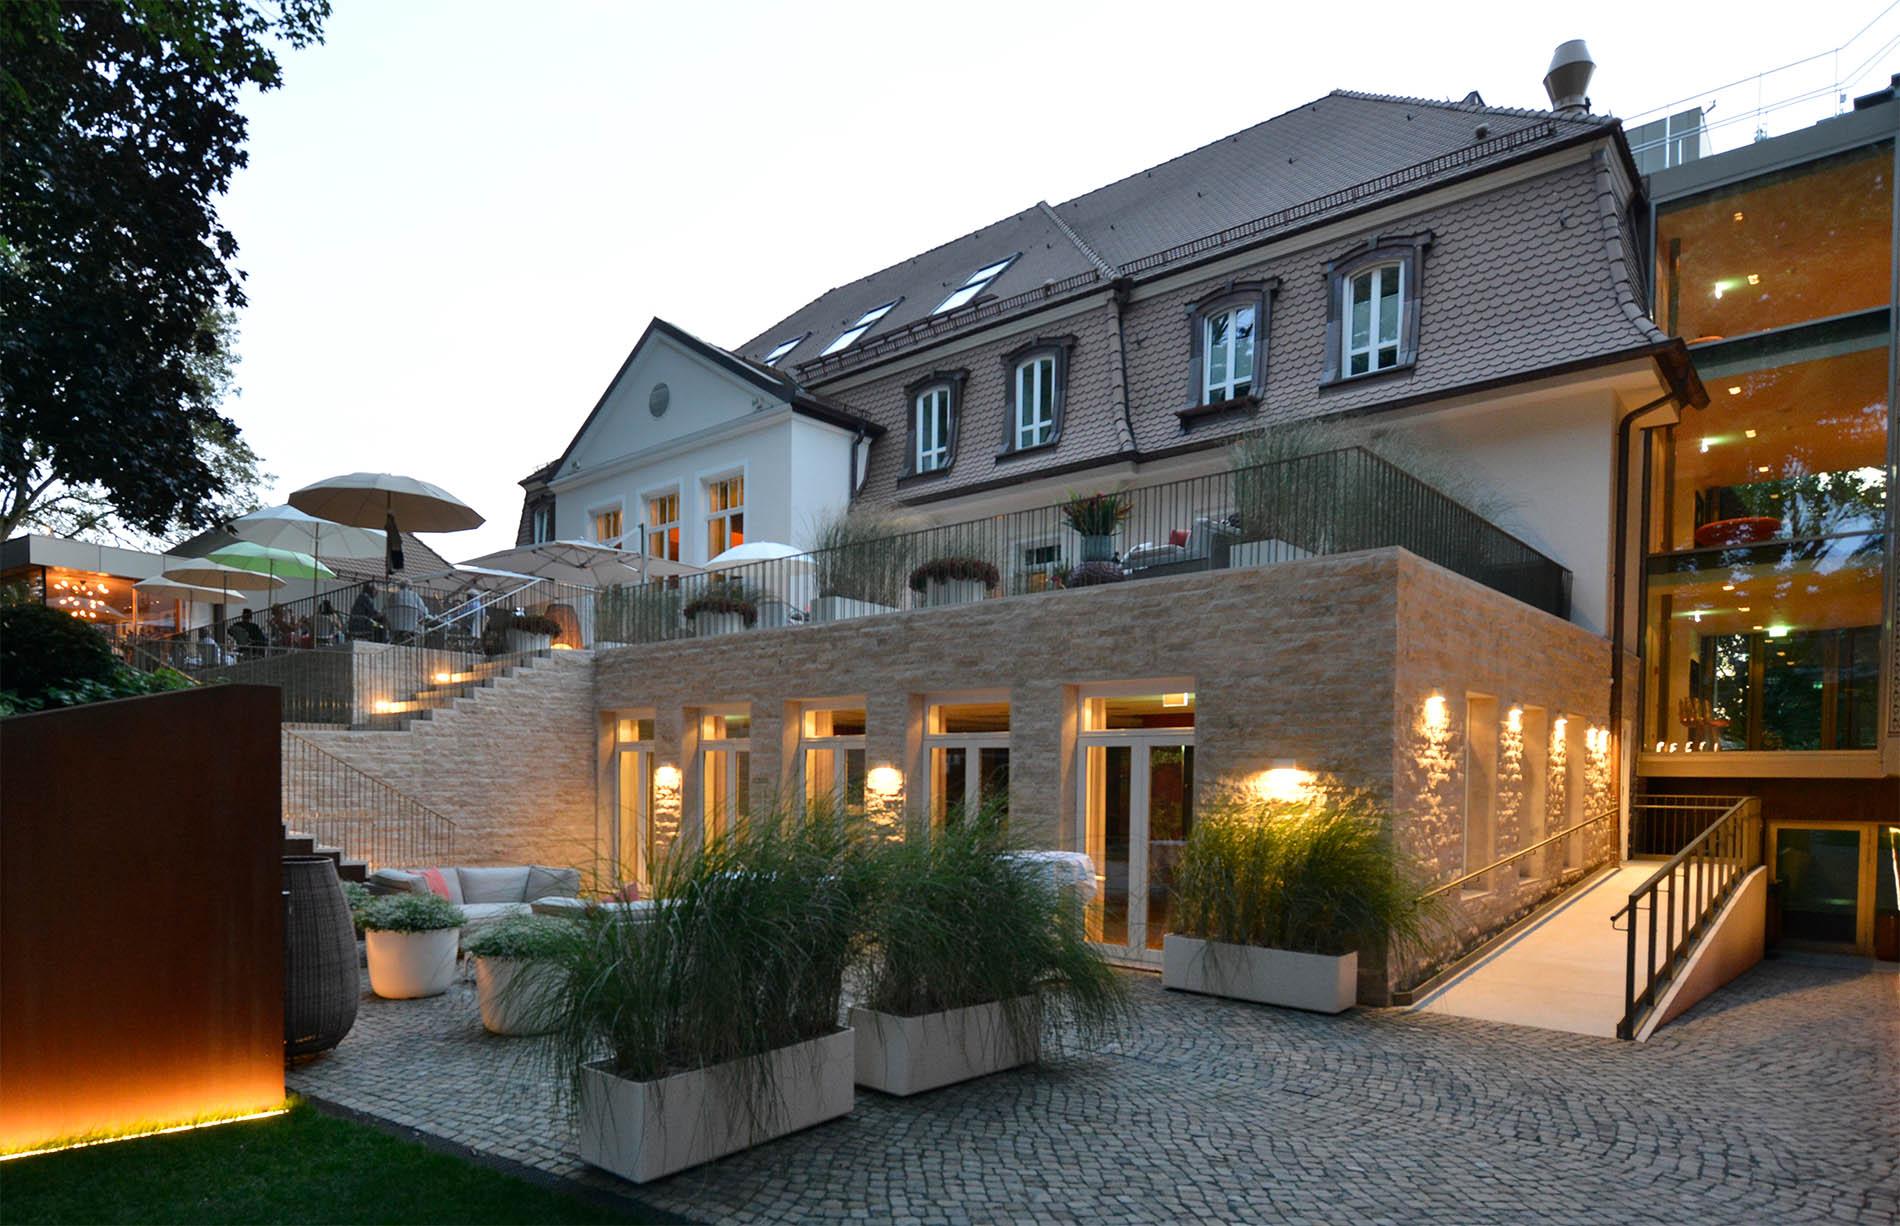 Hotel La Maison Saarlouis